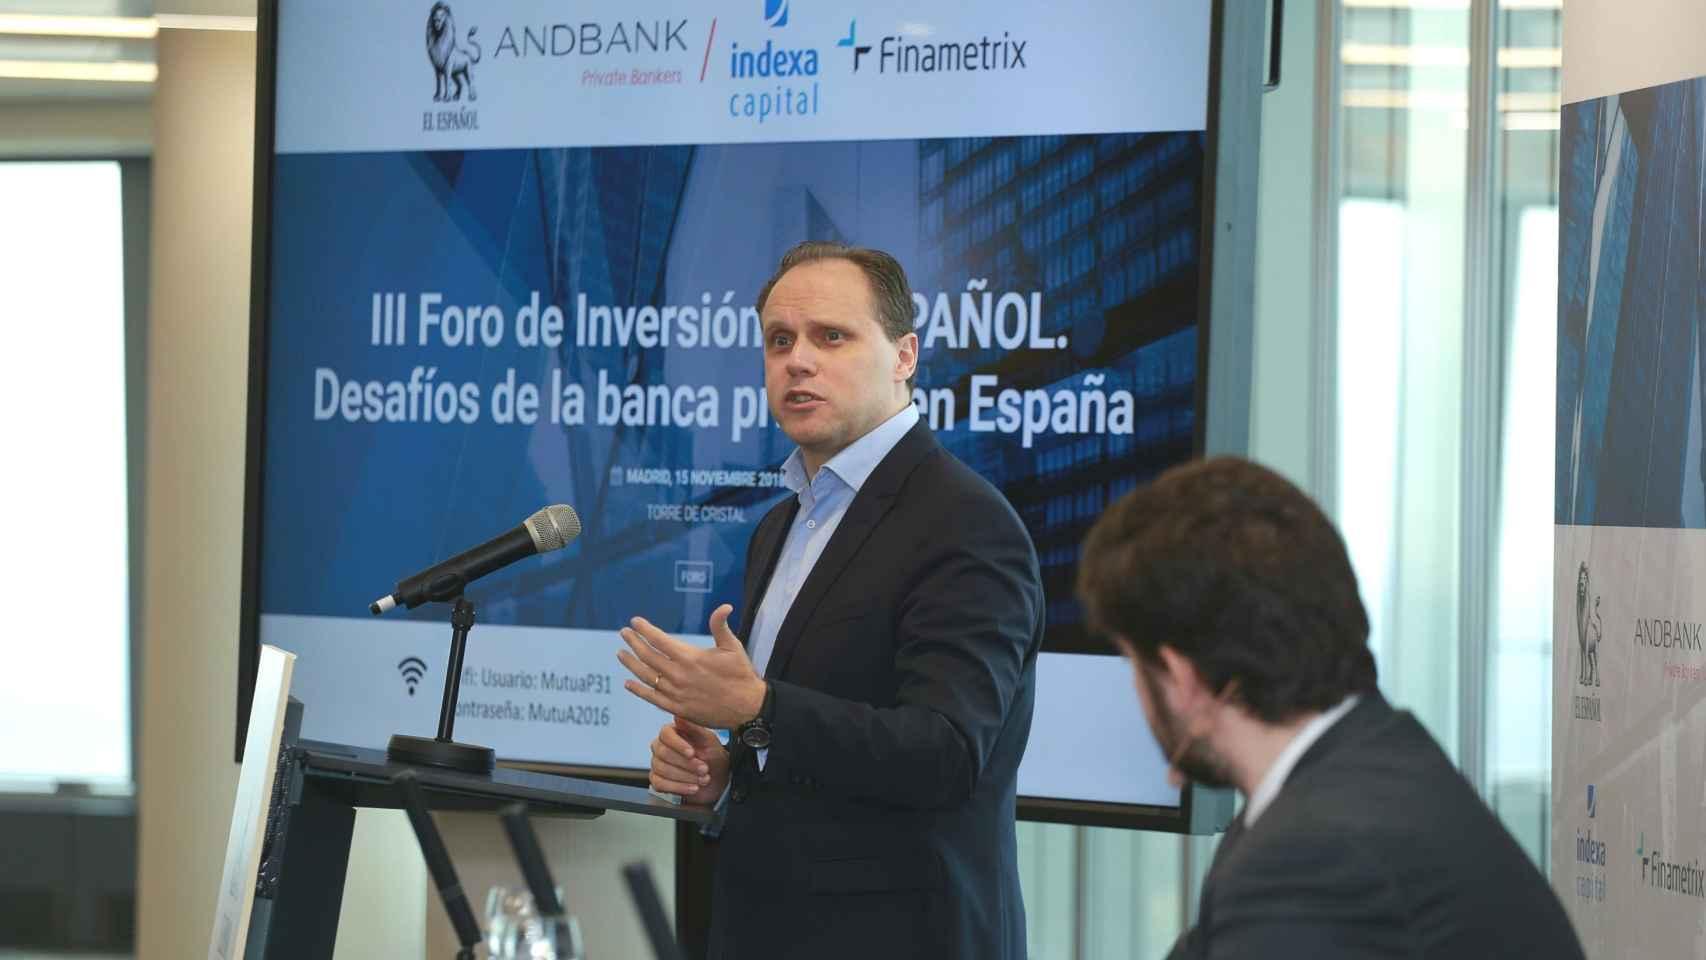 III Foro de Inversión EL ESPAÑOL